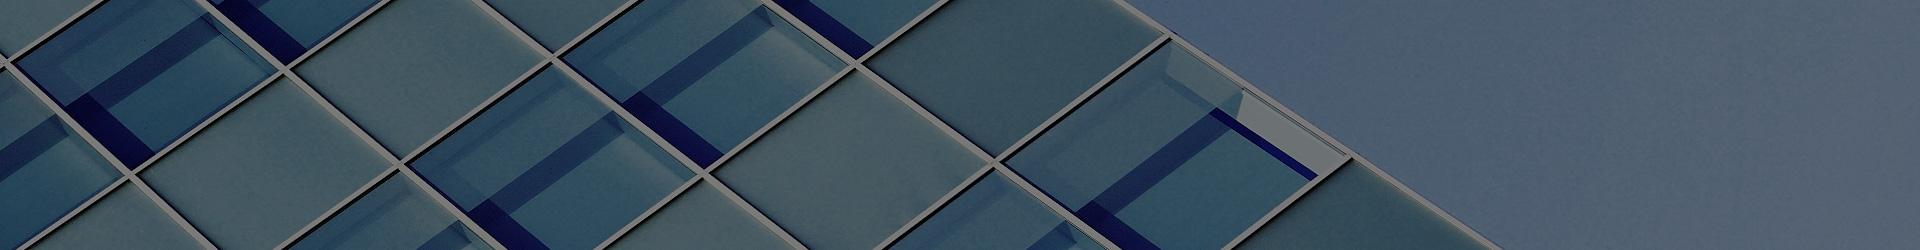 横幅:康蓝建设-企业总部办公大楼设计及整体实施方案